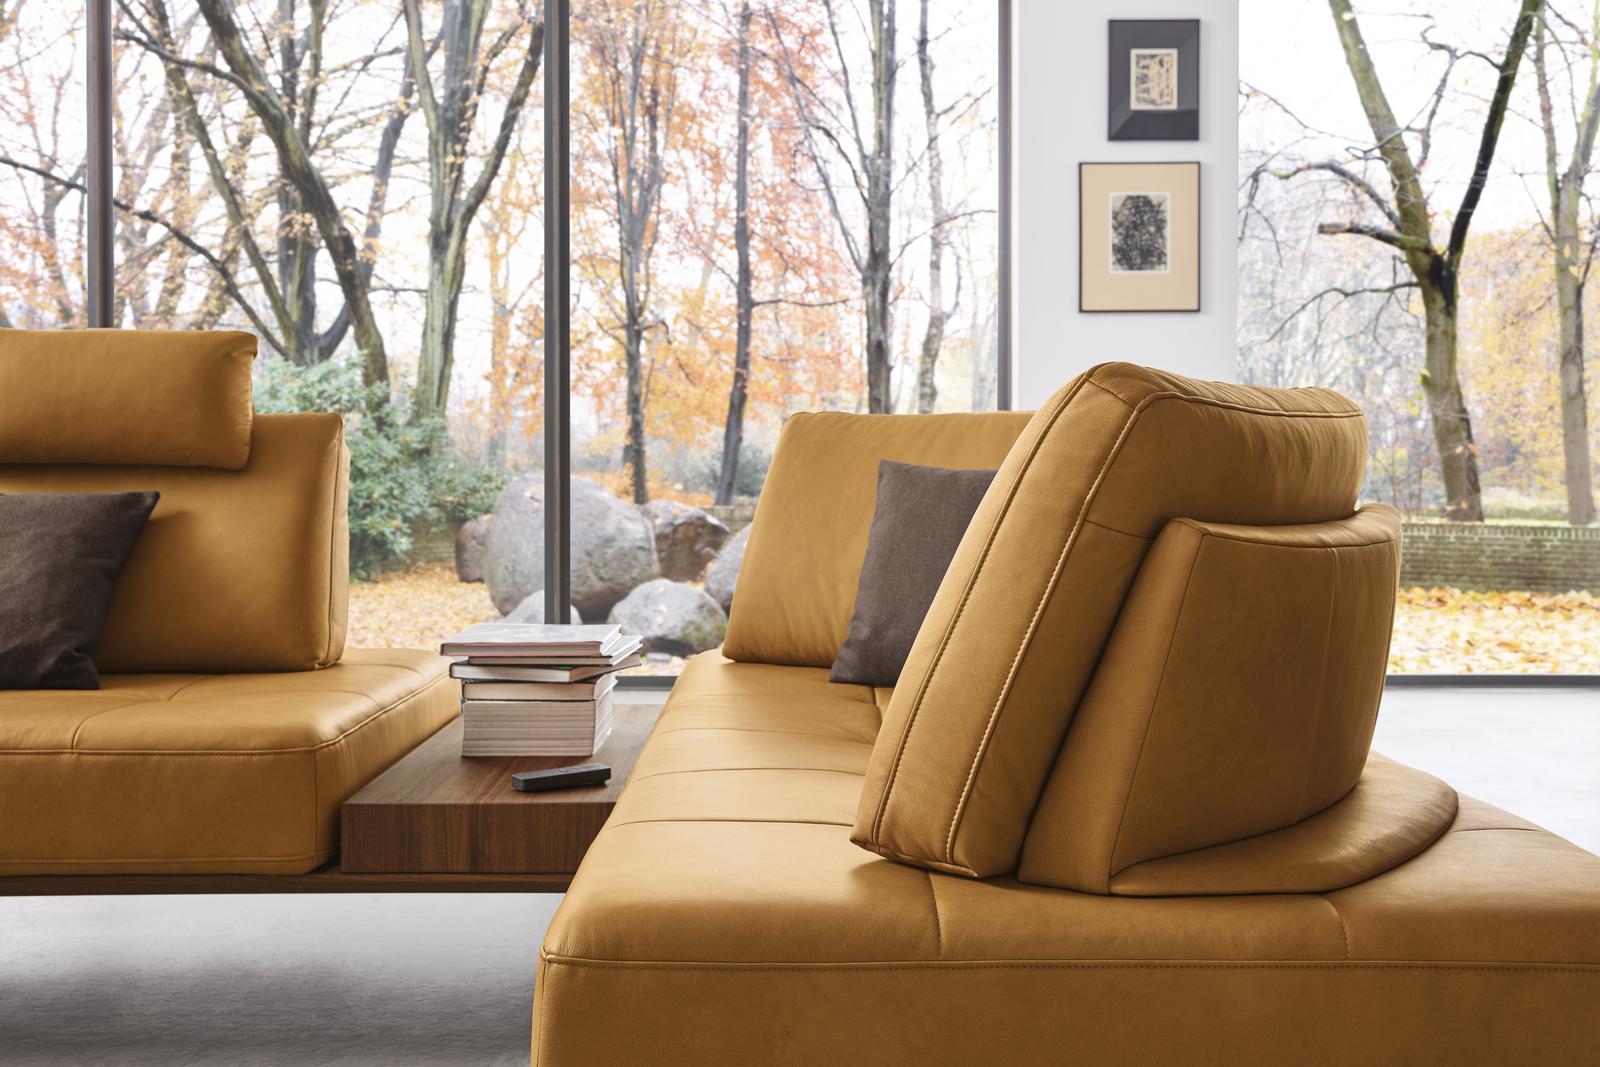 Frei verschiebbare Rückenkissen und Sitzfläche der Wohnlandschaft Verona in gelbem Leder mit integriertem Tisch.